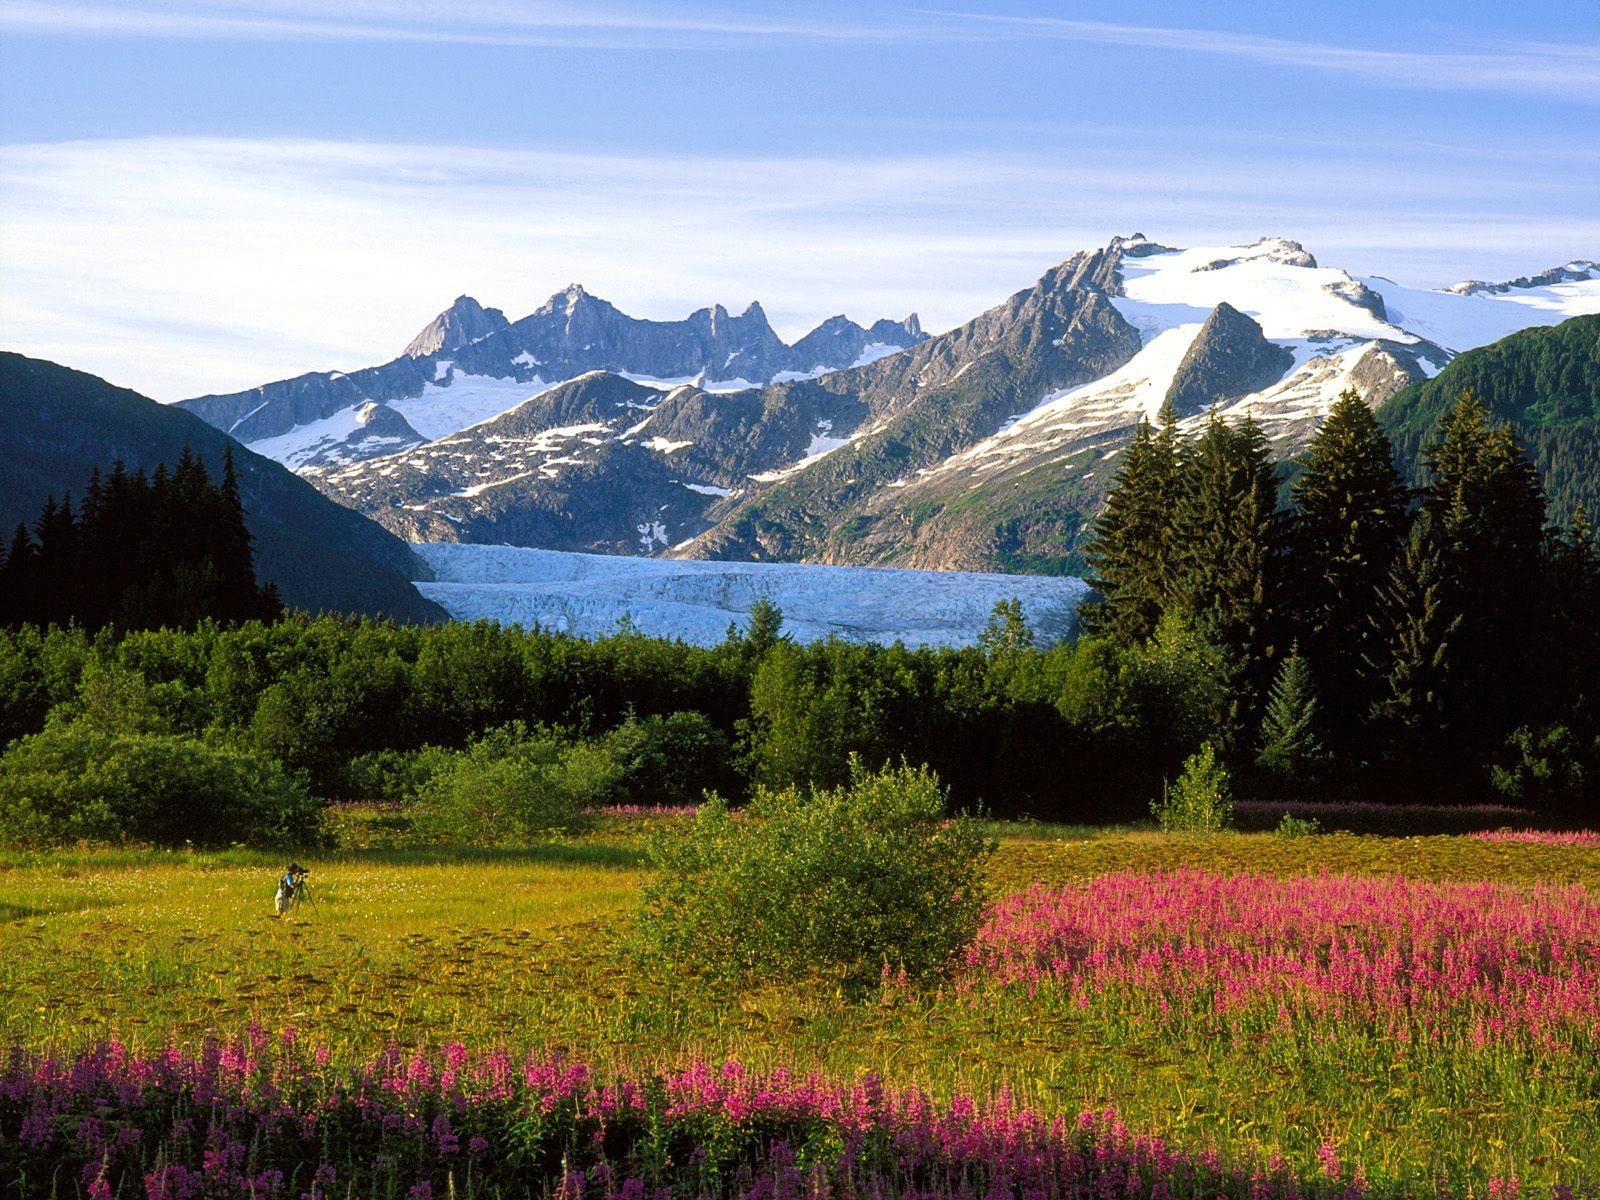 بالصور صور عن الطبيعة , مناظر طبيعيه خلابه 4410 33